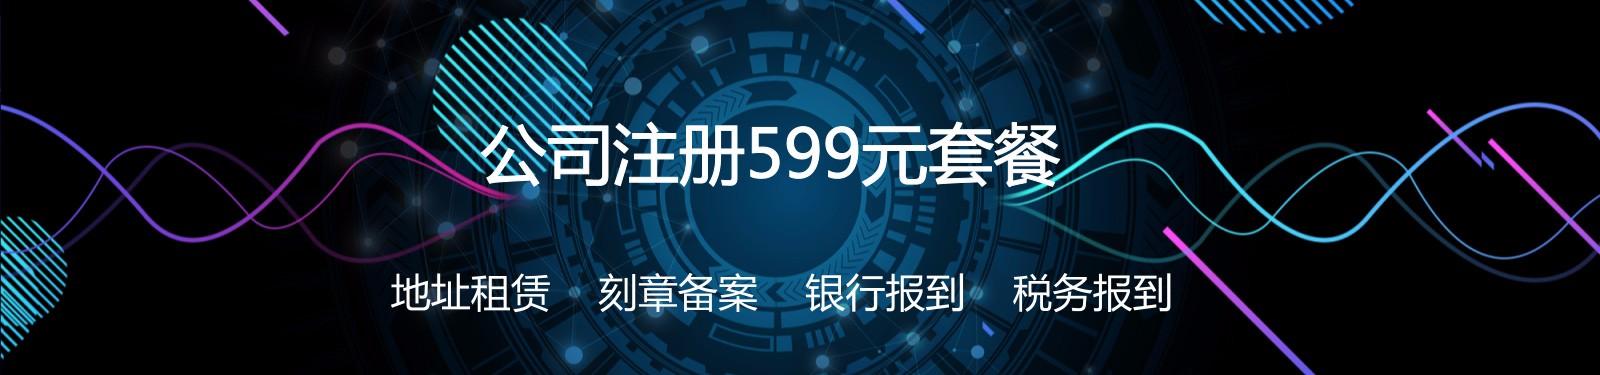 广州会捷工商财税代理有限公司